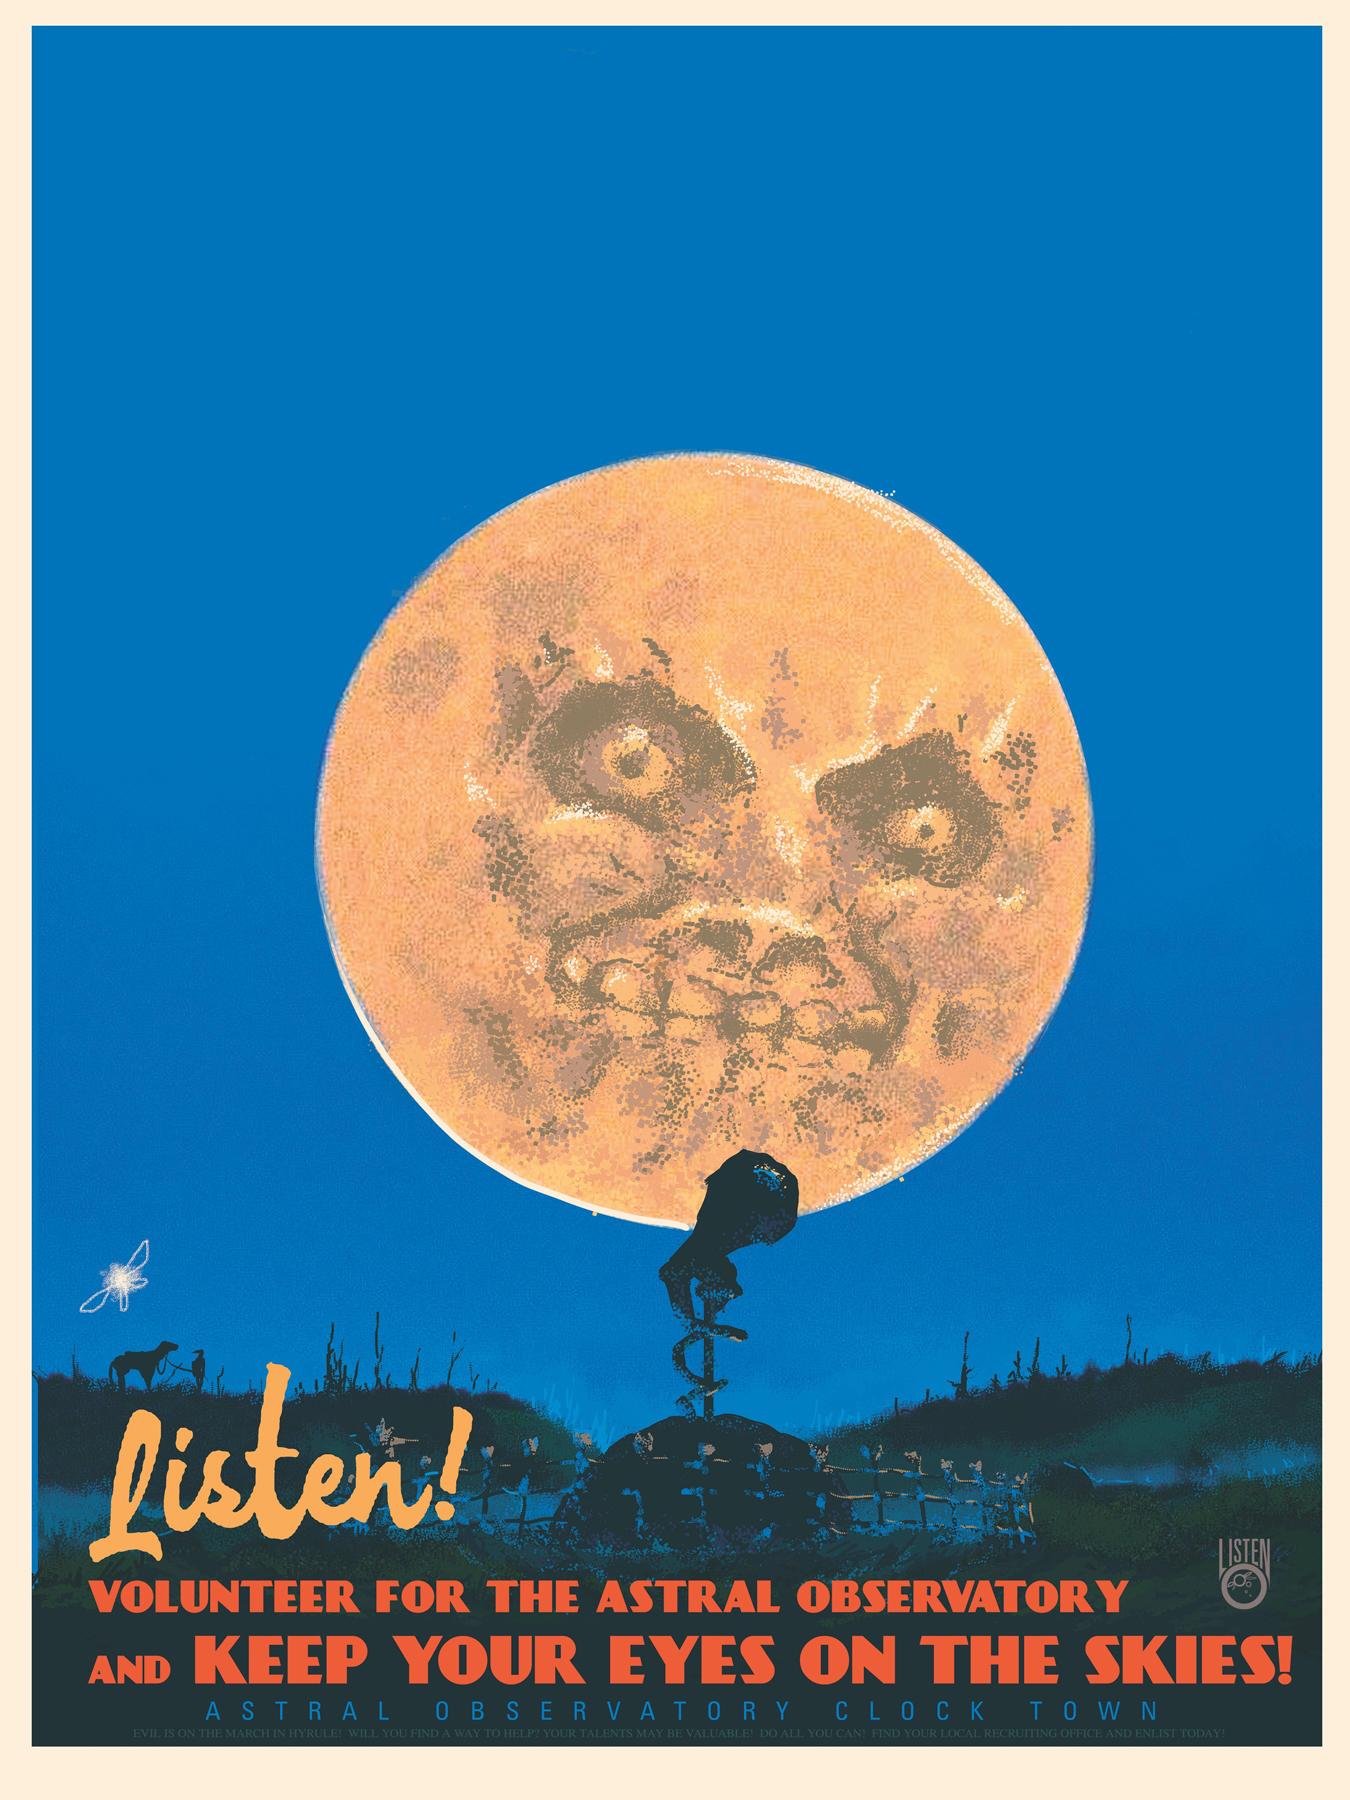 zelda-majoras-moon.jpg